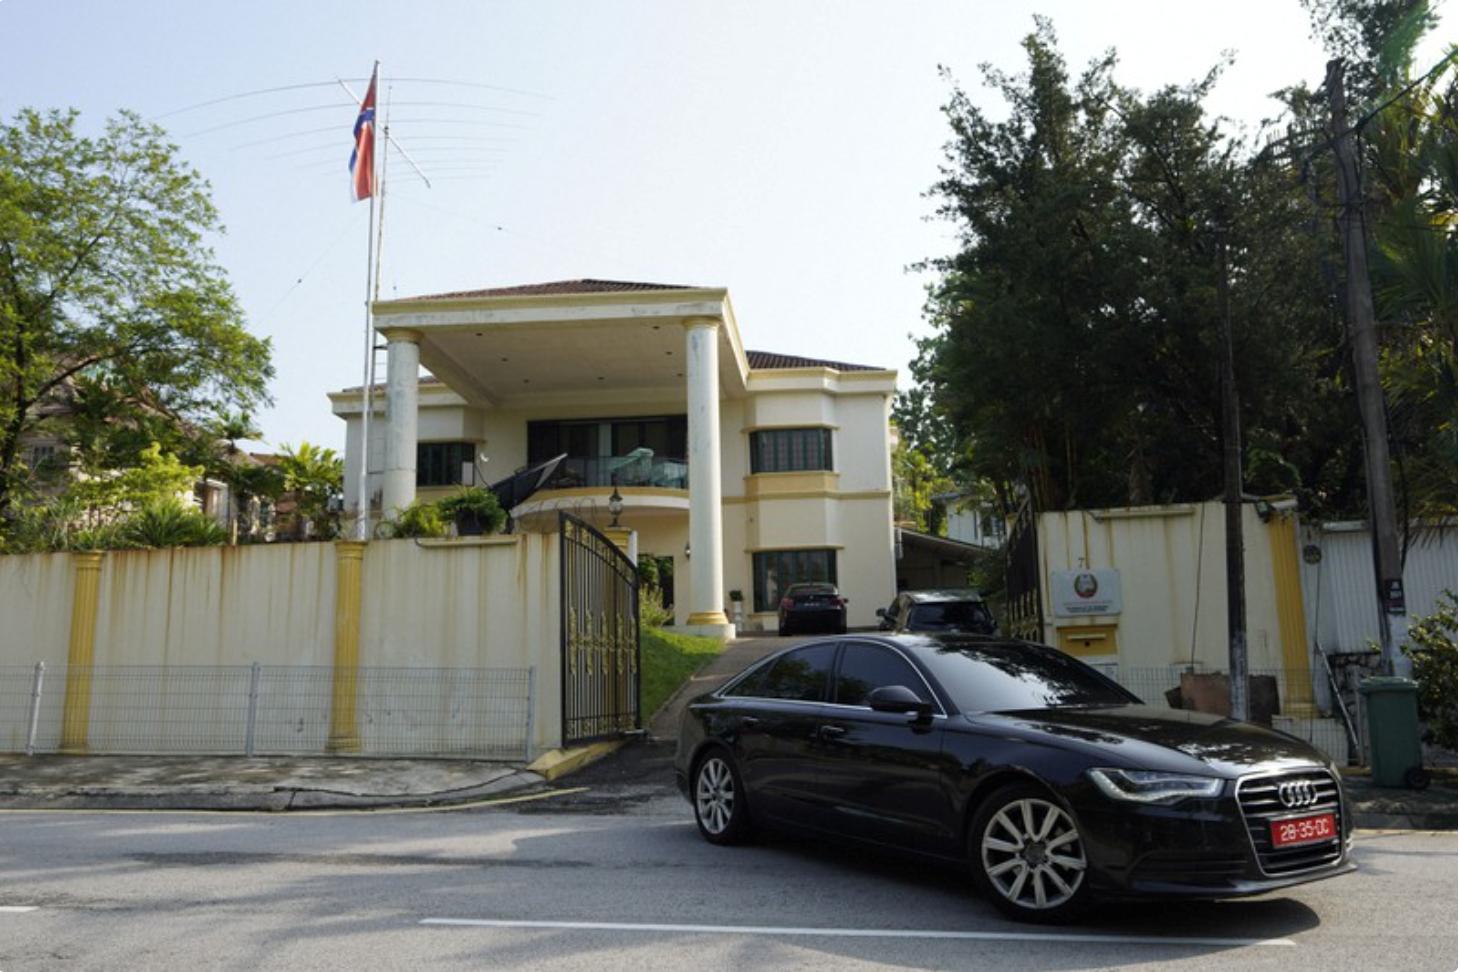 朝鲜主动宣布与马来西亚断交,金正男遇刺后两国经历了什么?